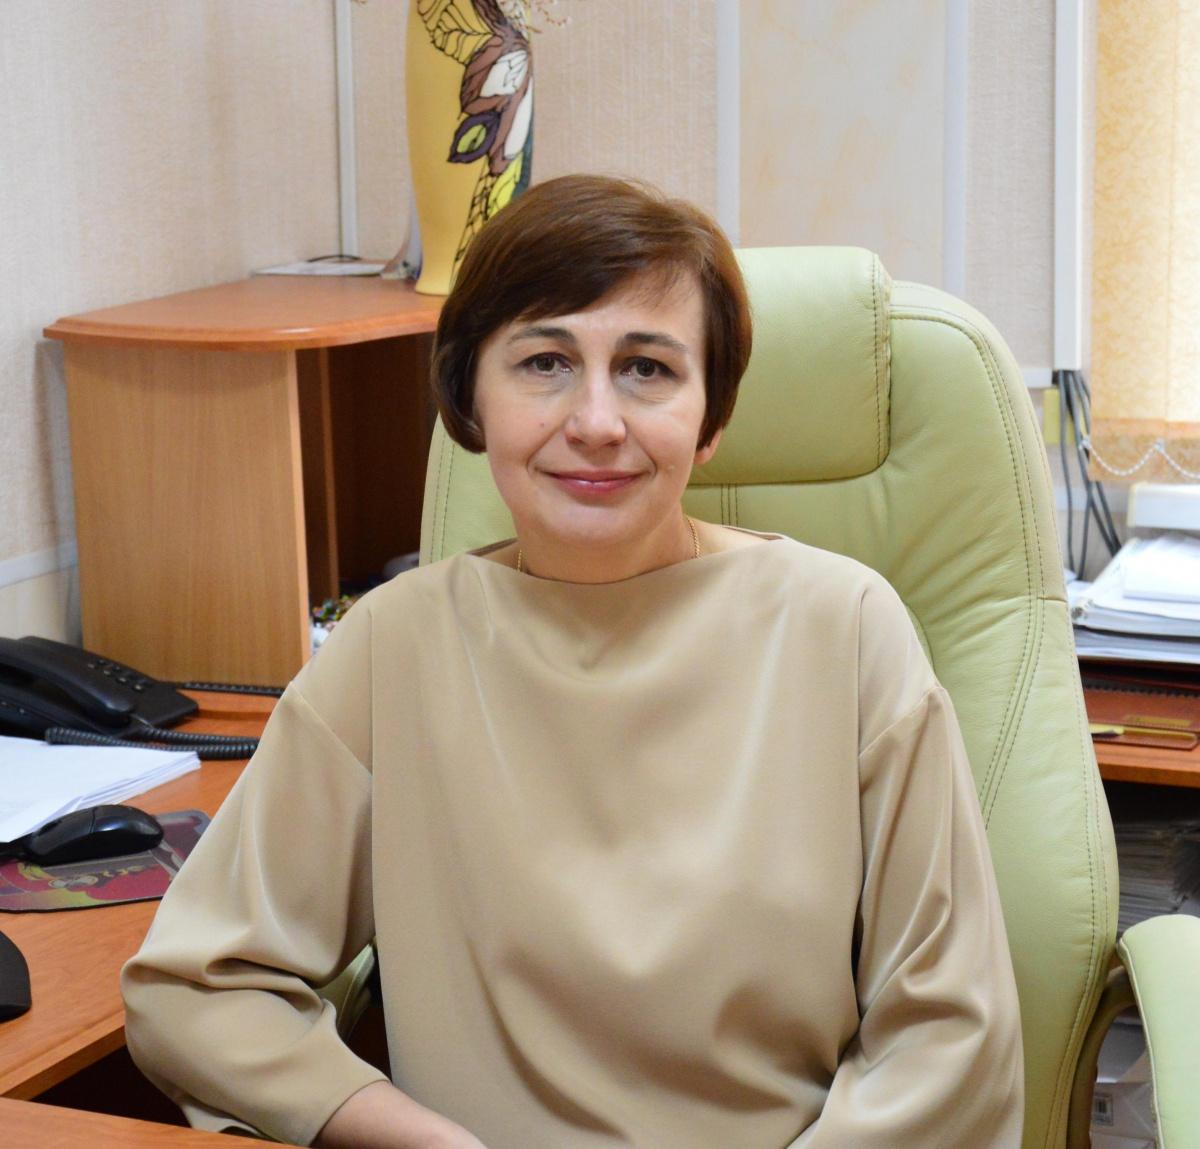 Работа онлайн катав ивановск работа для девушек москва массажисткой